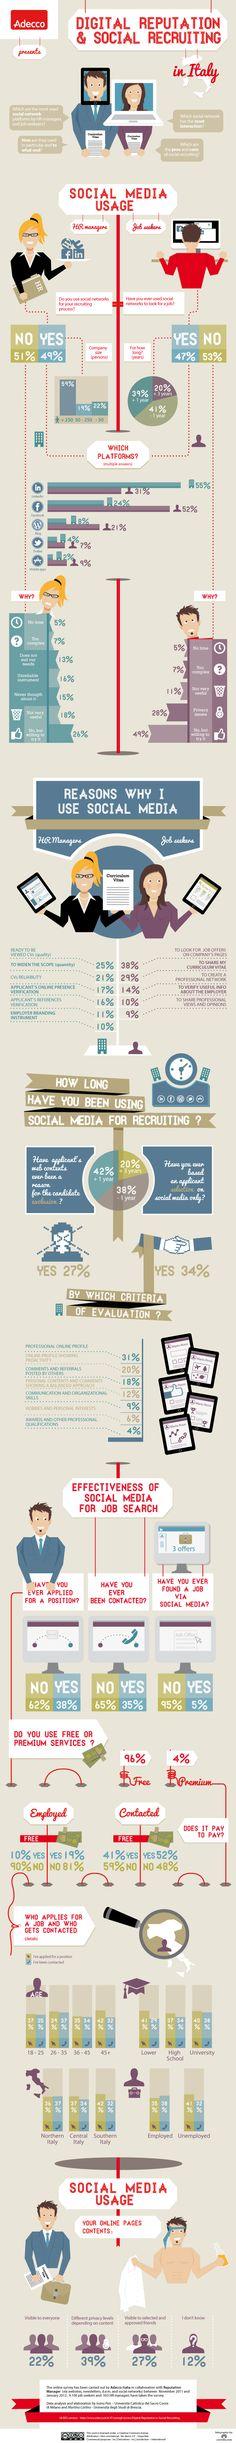 Reputación online y selección de personal #infografia #infographic #socialmedia